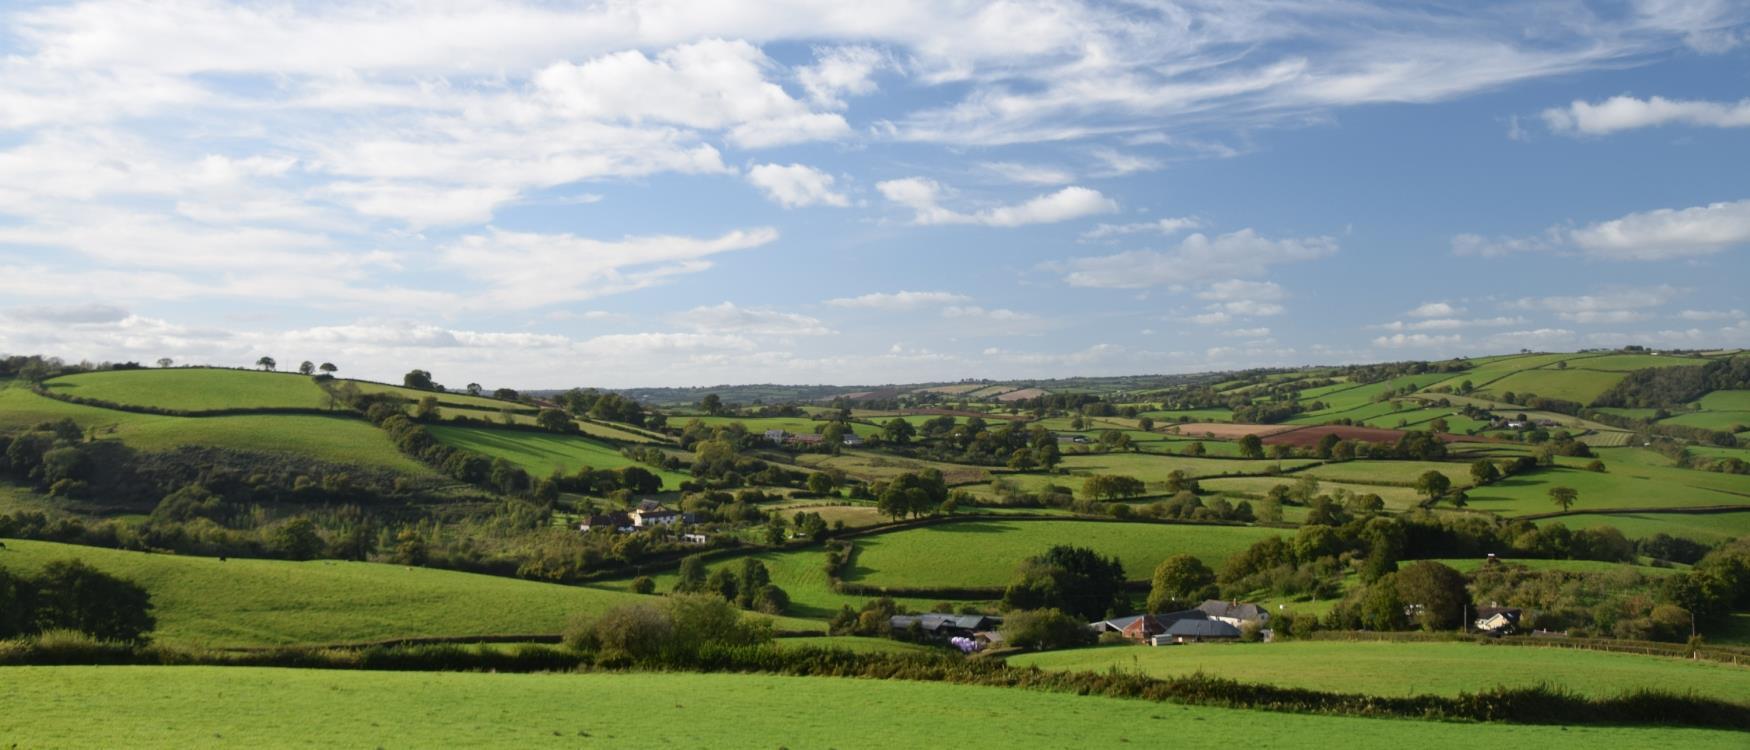 Countryside around Crediton